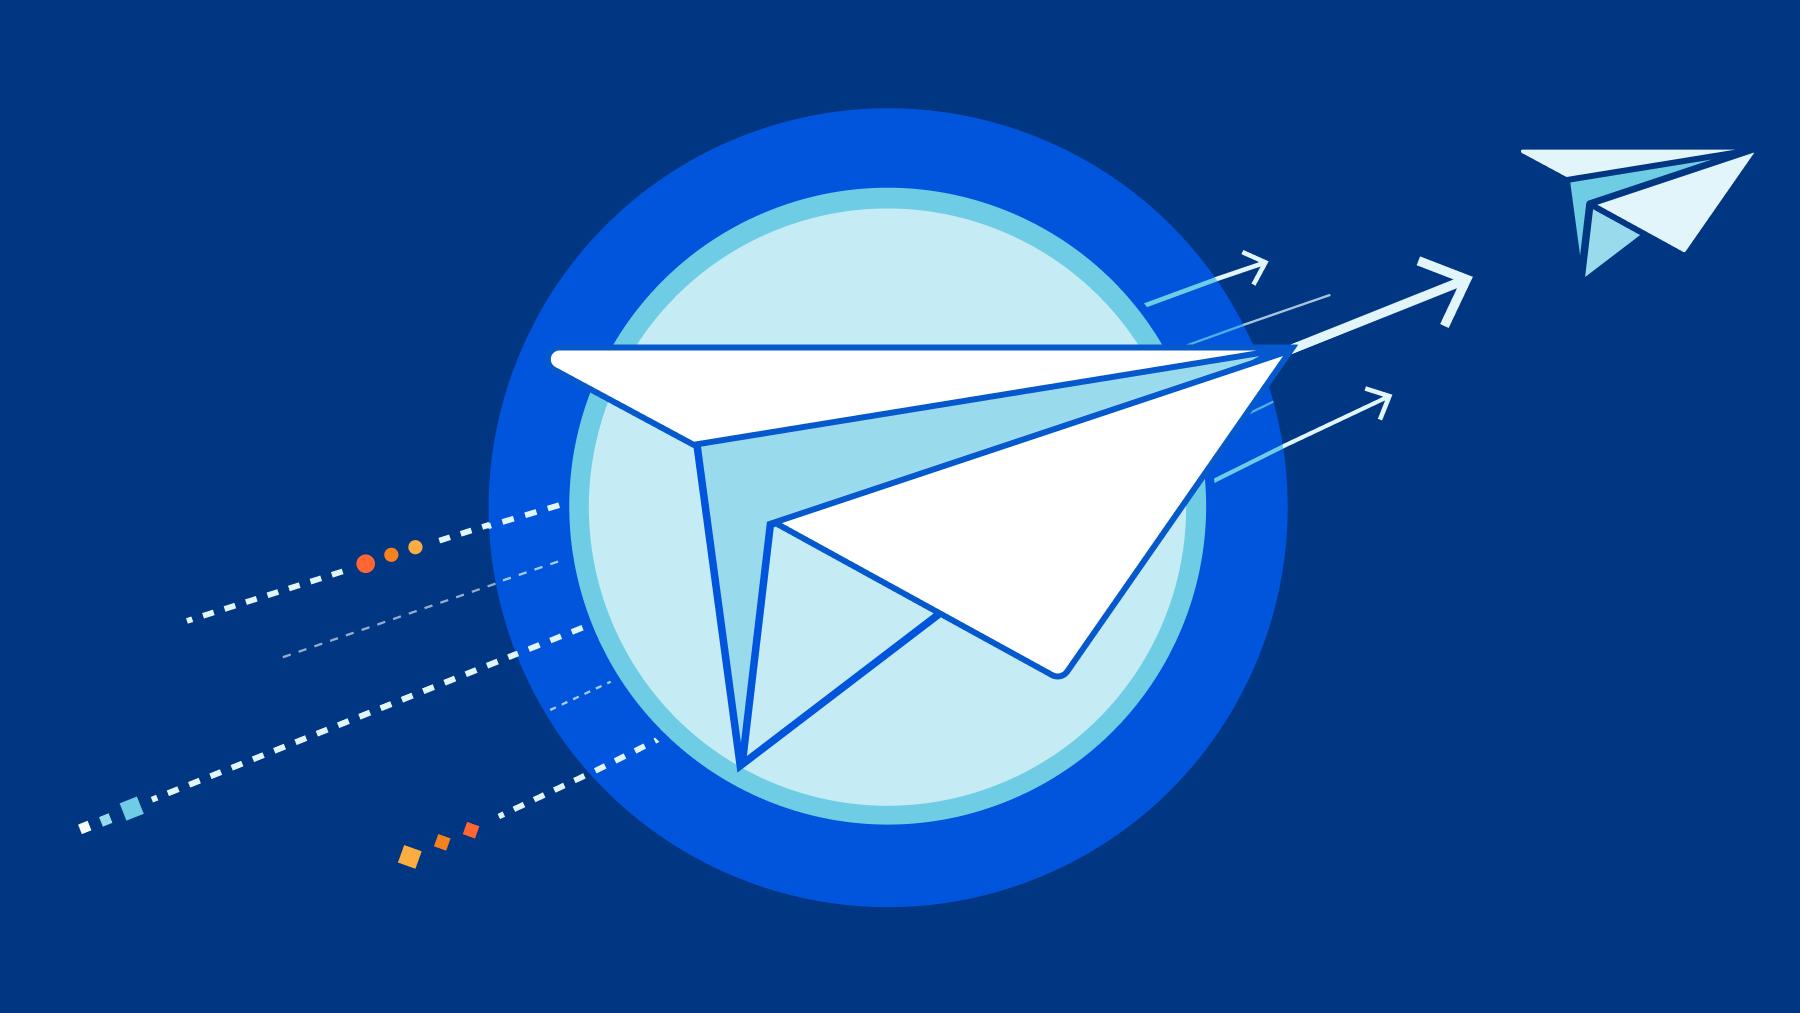 使用 Cloudflare 电子邮件路由轻松创建和路由电子邮件地址